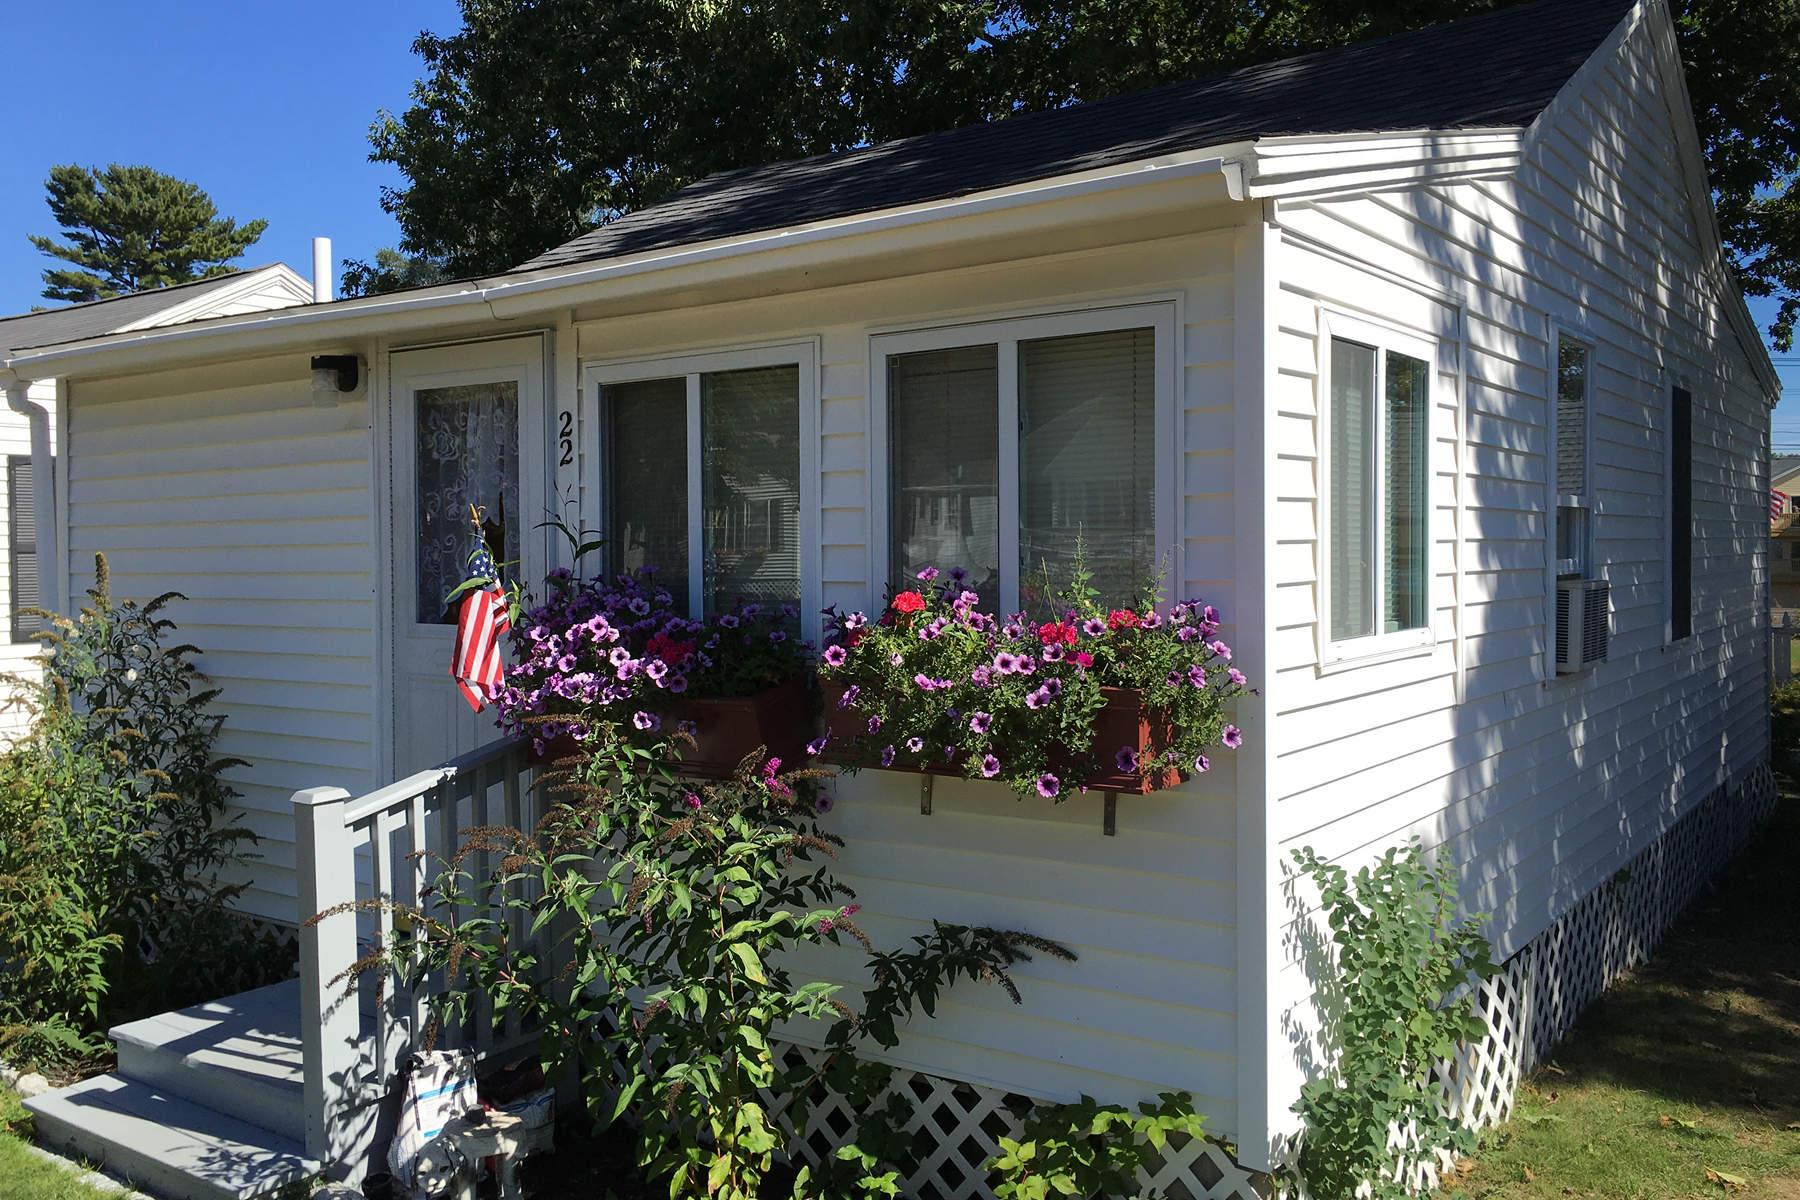 Condominiums للـ Sale في Charming Condominium Cottage in Moody 76 Post Road Unit 22, Moody, Maine 04090 United States